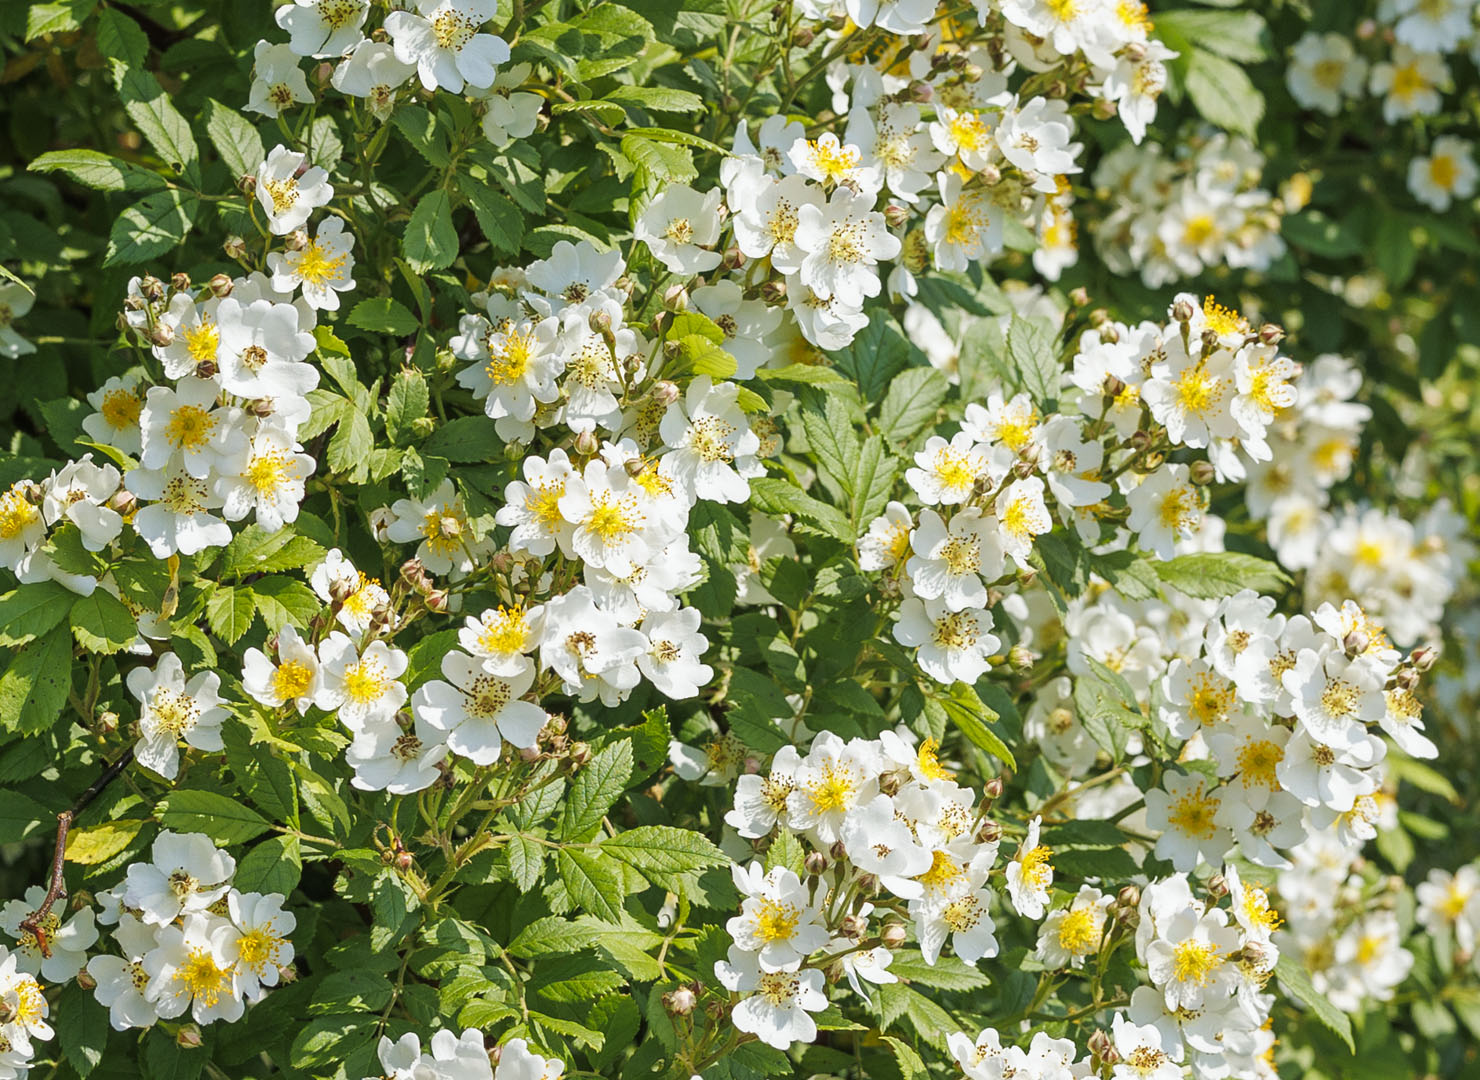 ロサ ムルティフローラ - Rosa multiflora